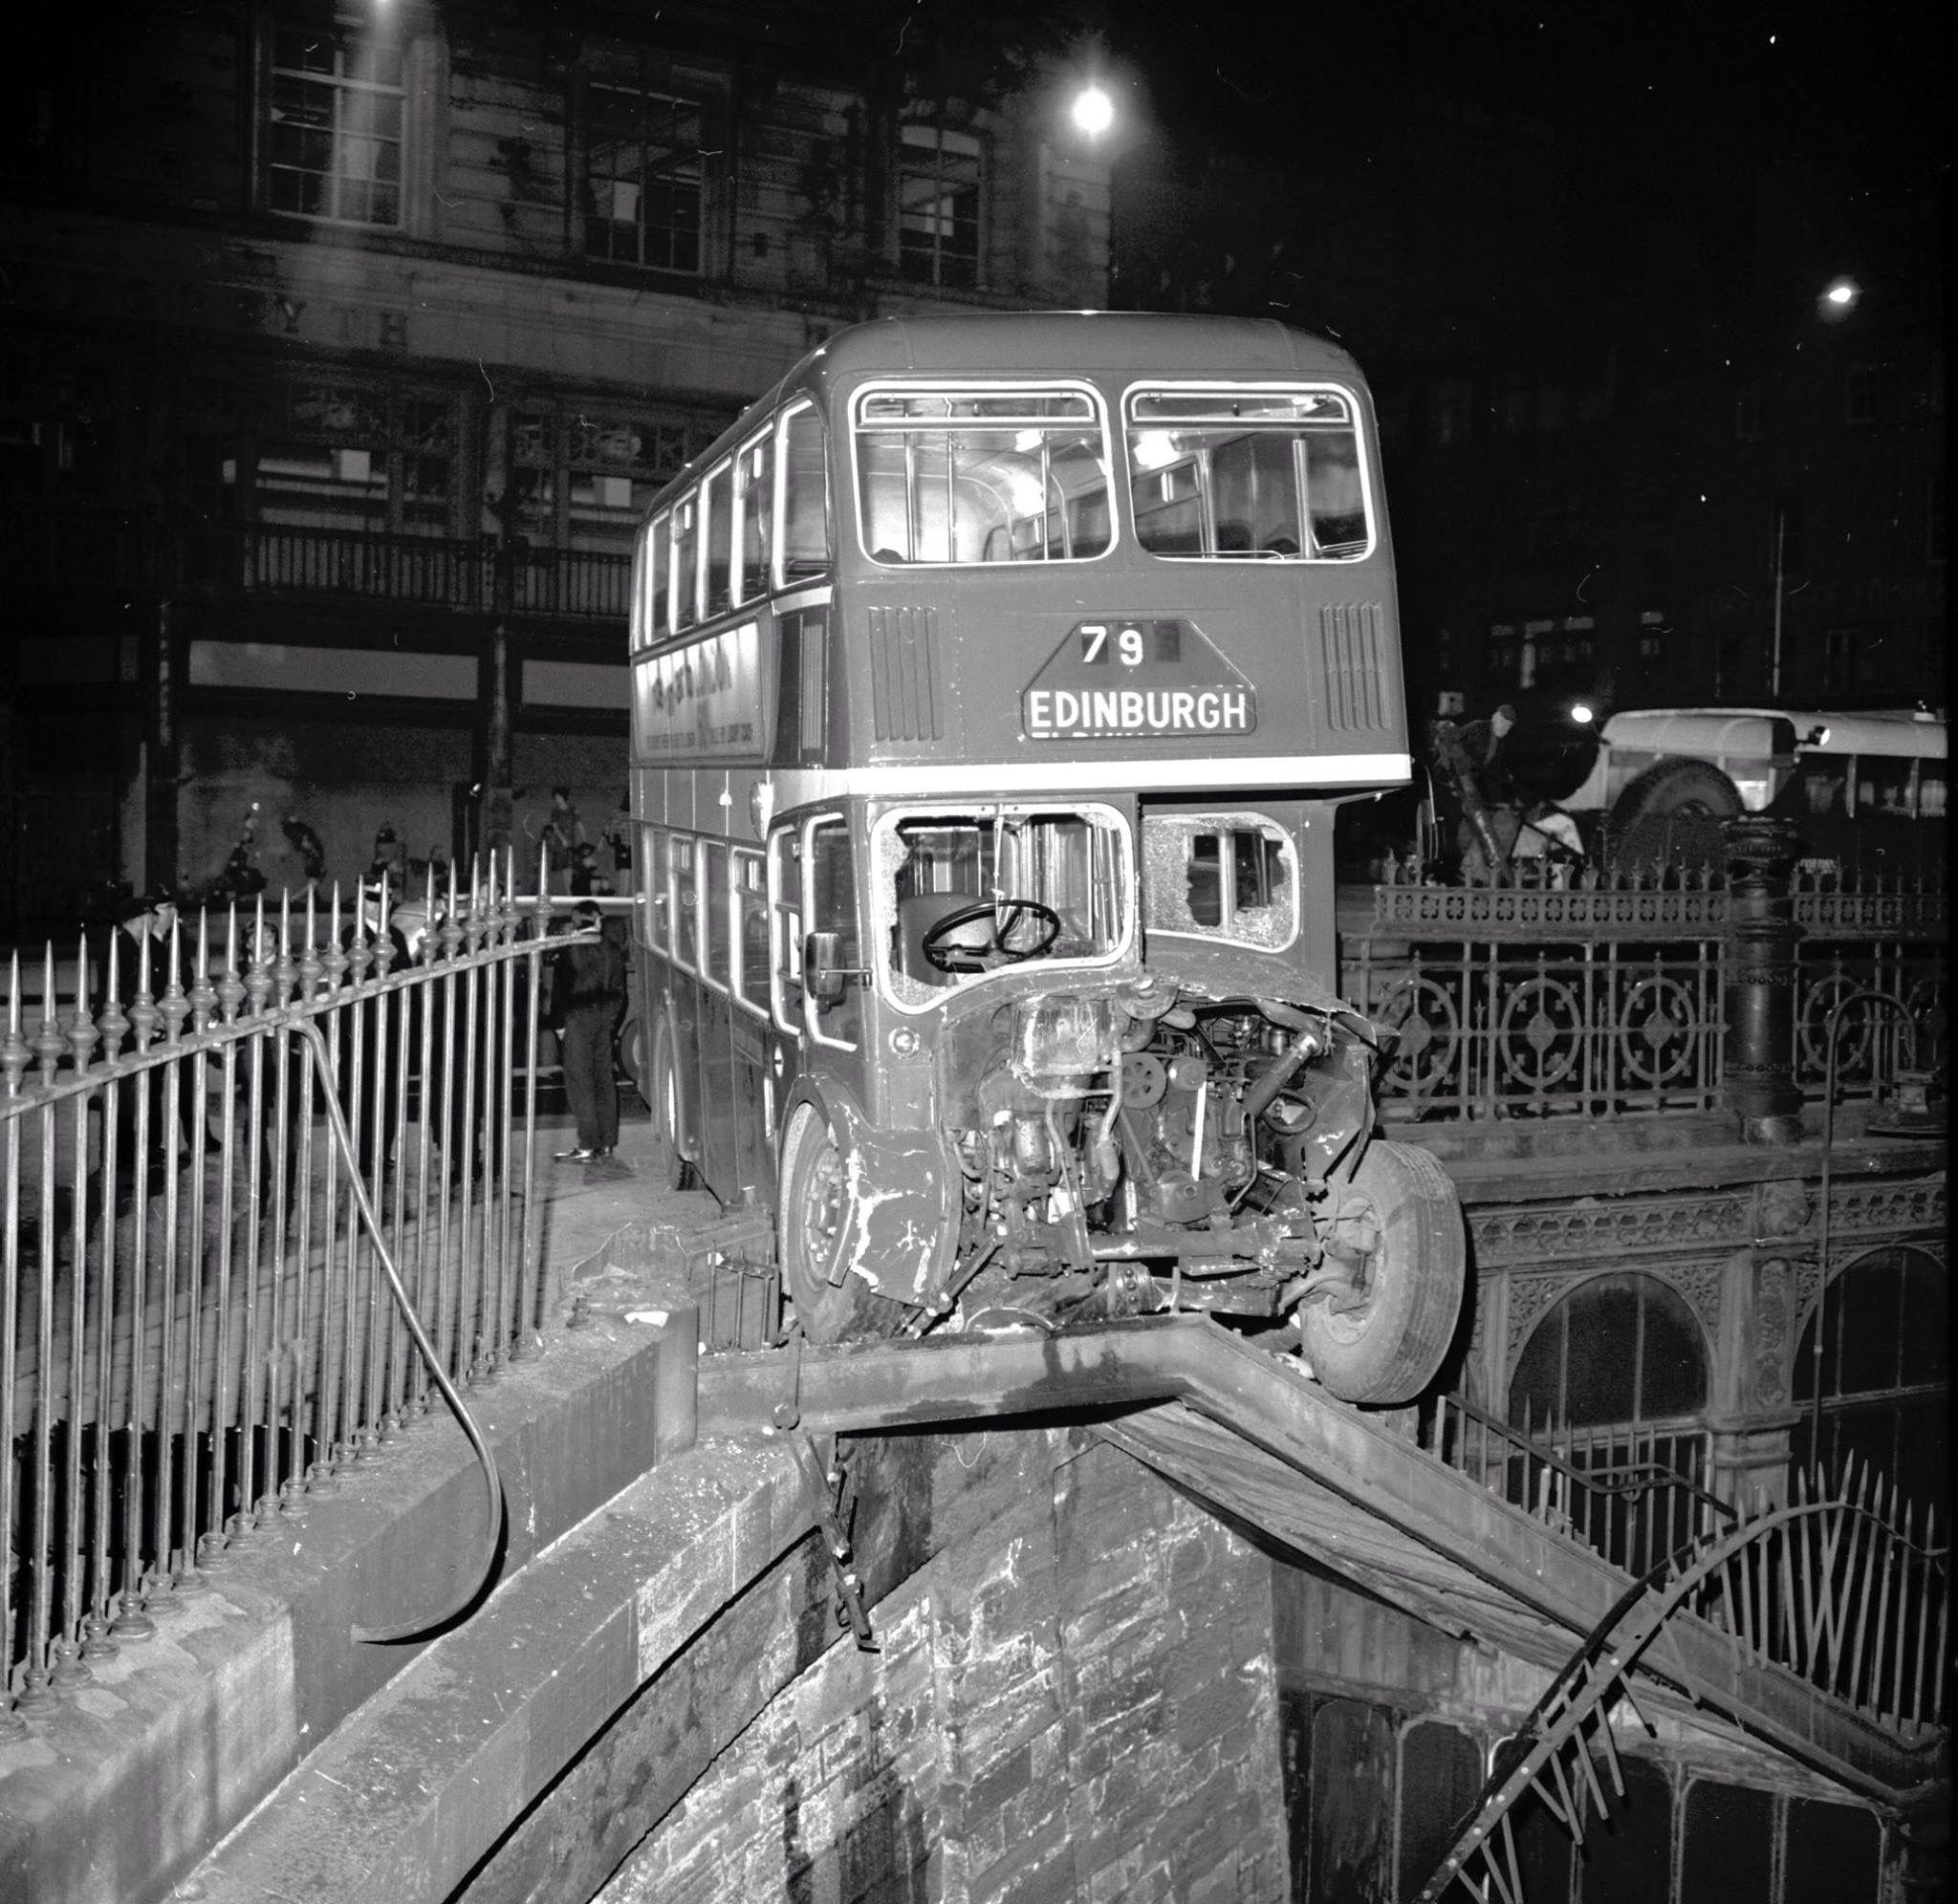 режиме поезд из лондона в эдинбург фото герои были